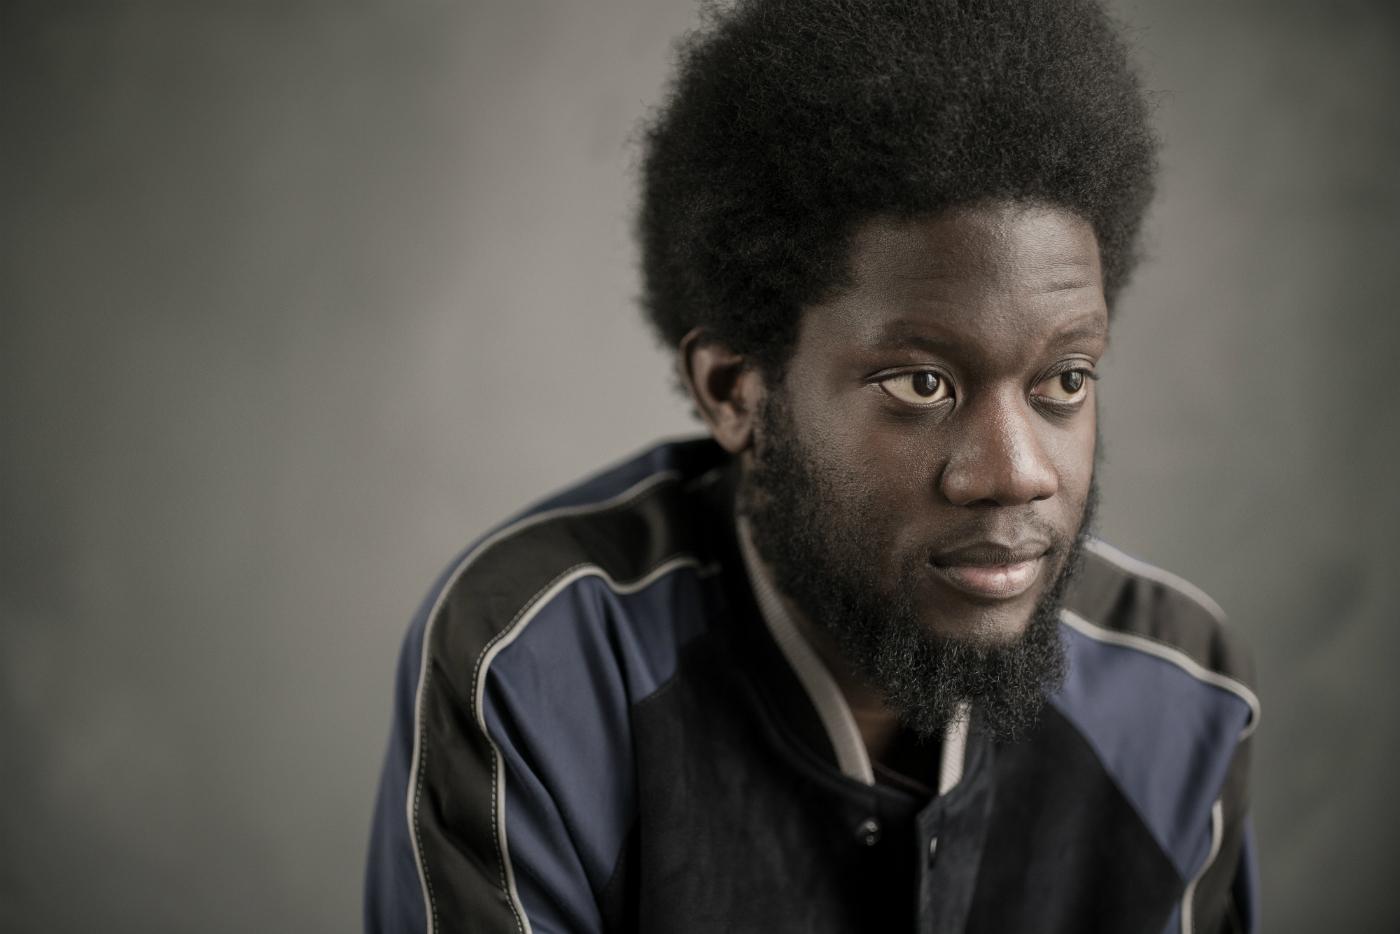 Michael Kiwanuka - image courtesy Chuffmedia